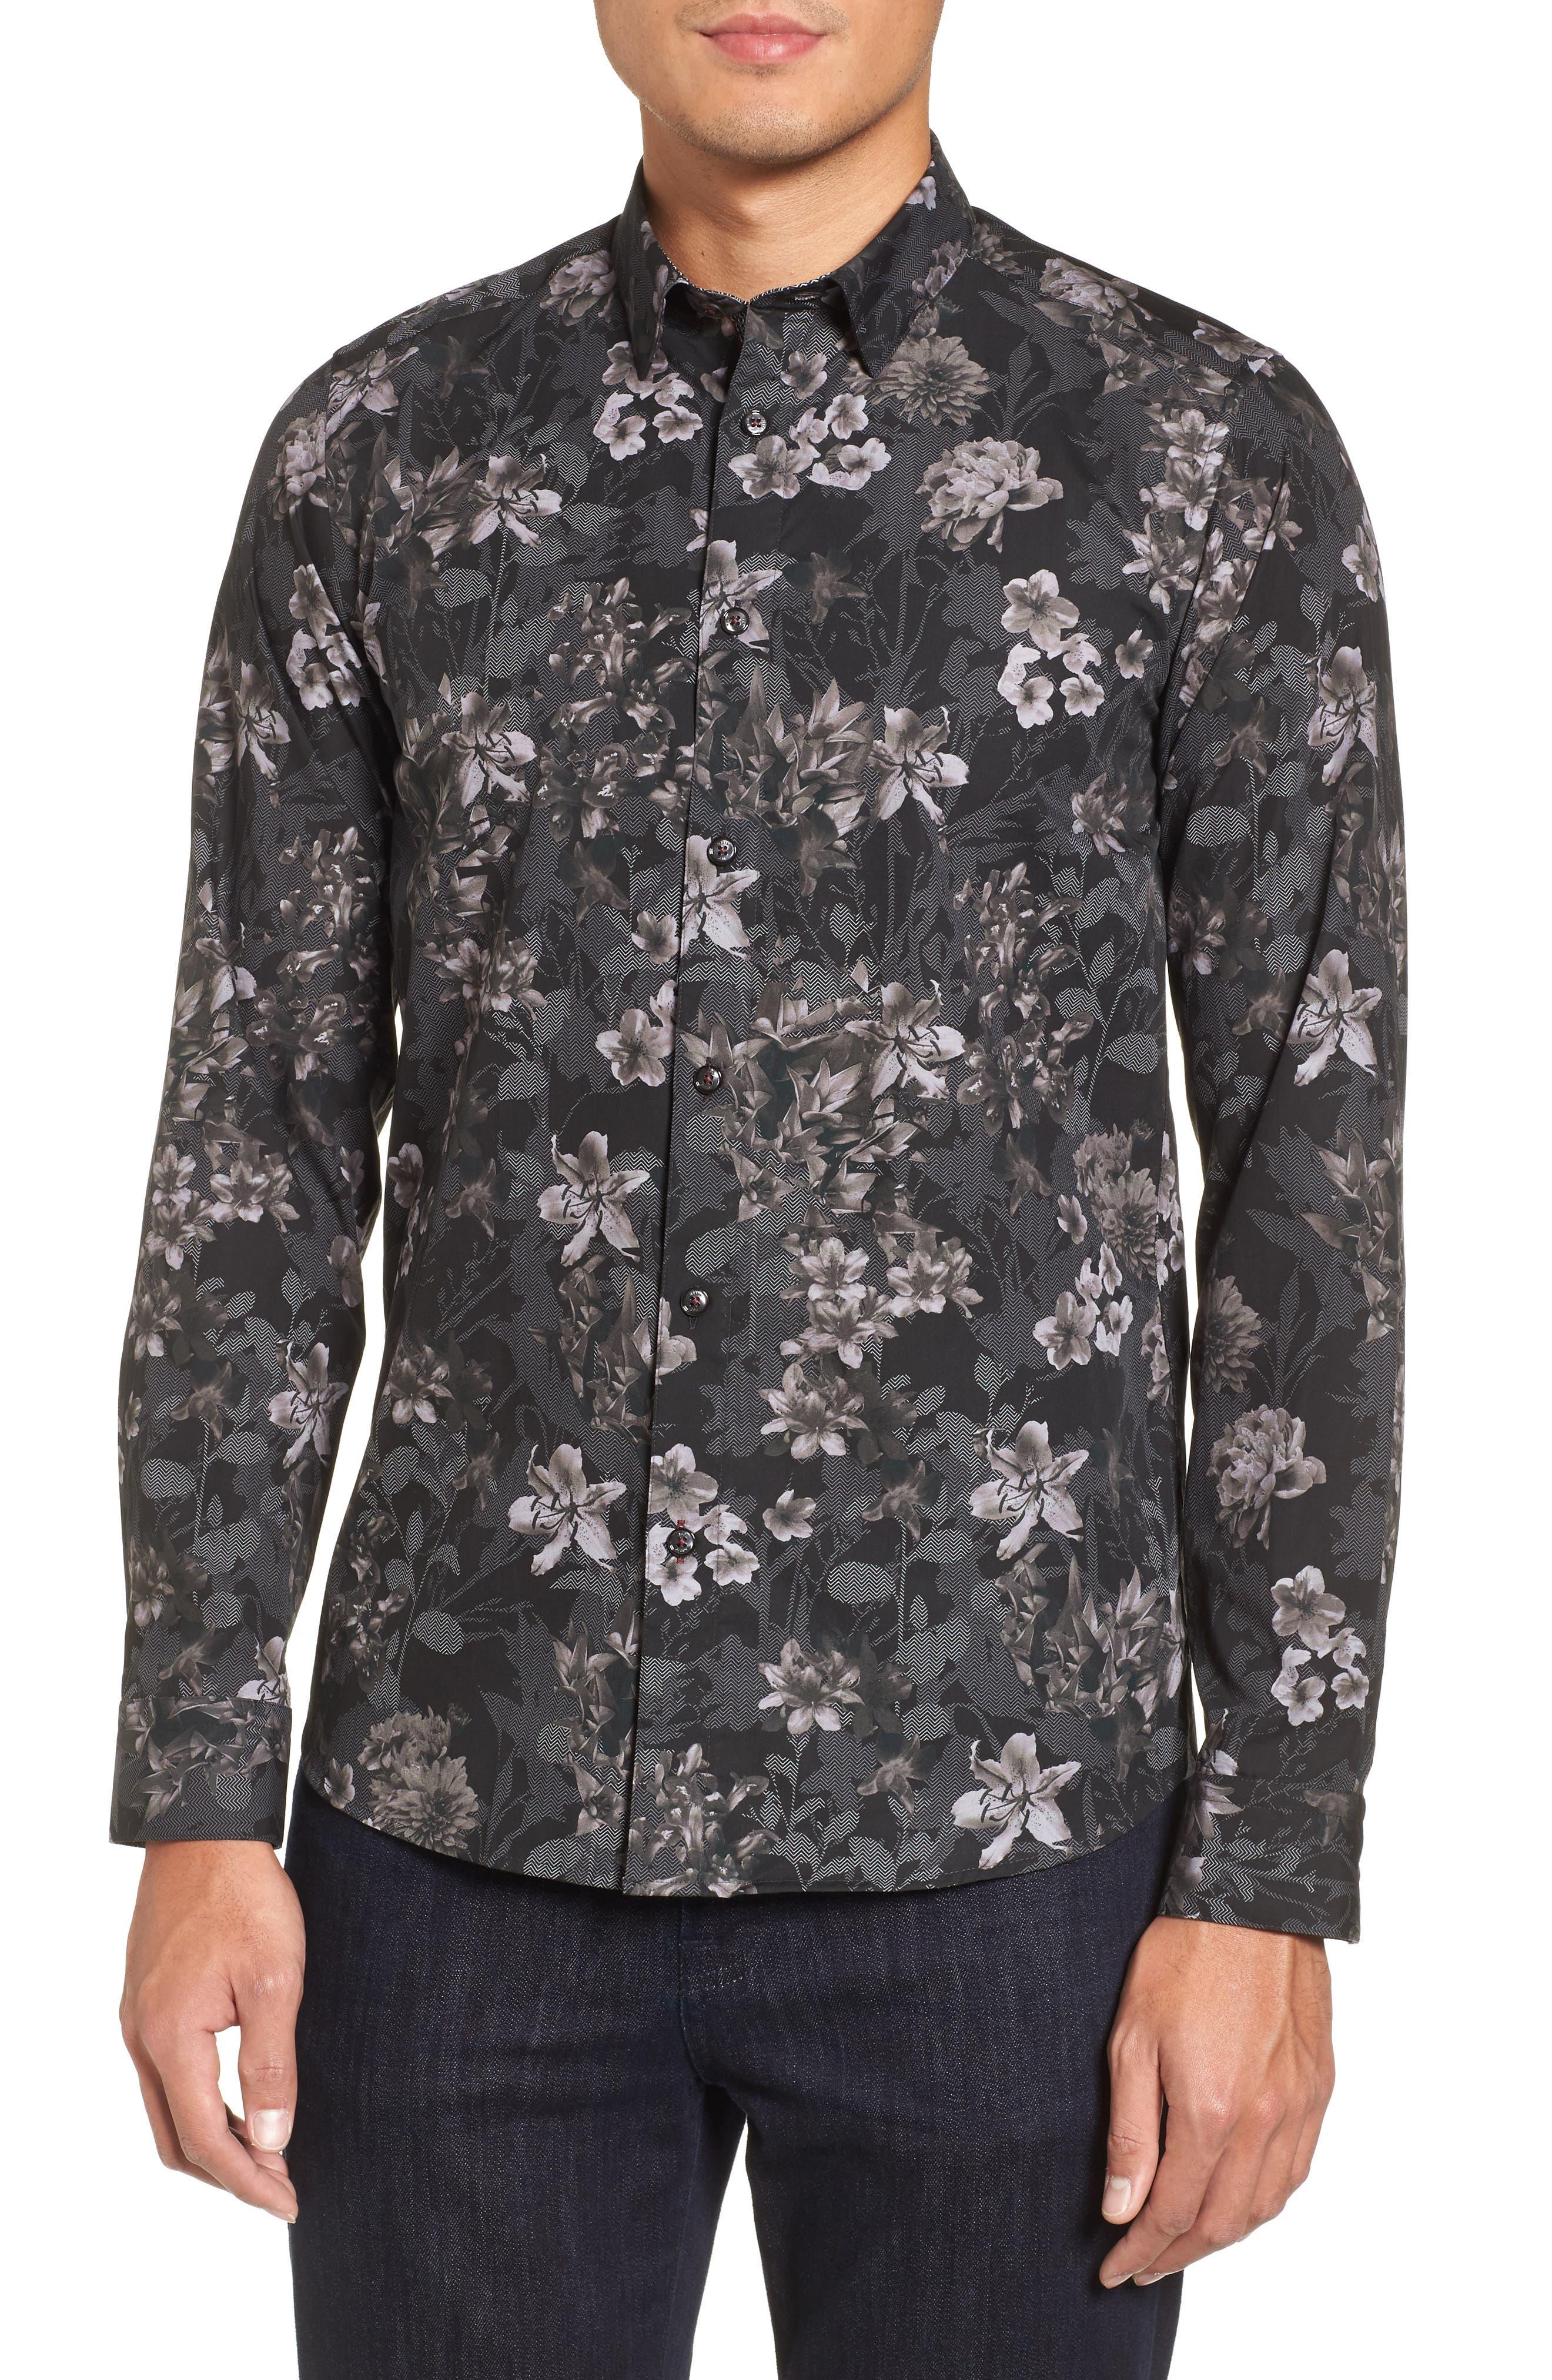 Alternate Image 1 Selected - Ted Baker Konkord Slim Fit Floral Print Sport Shirt